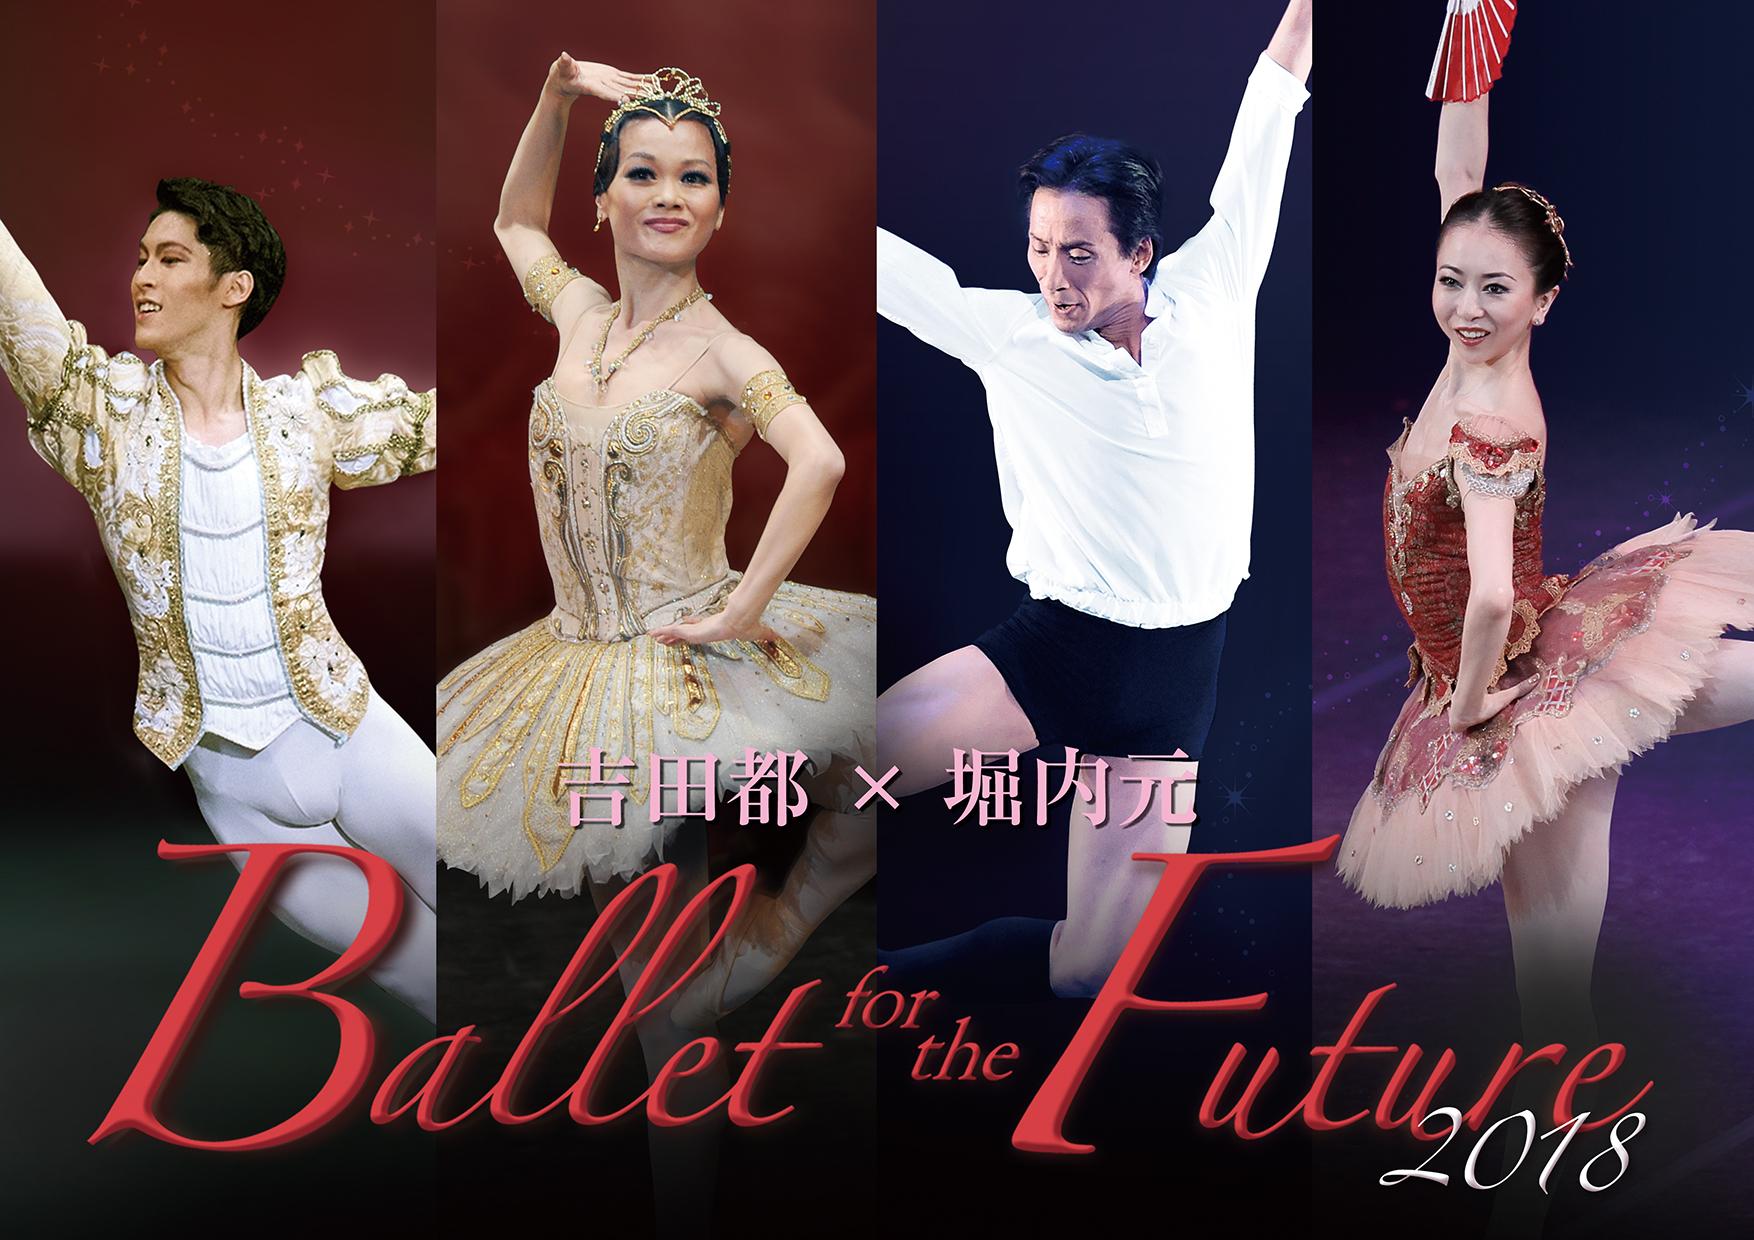 『吉田都×堀内元Ballet for the Future 2018』